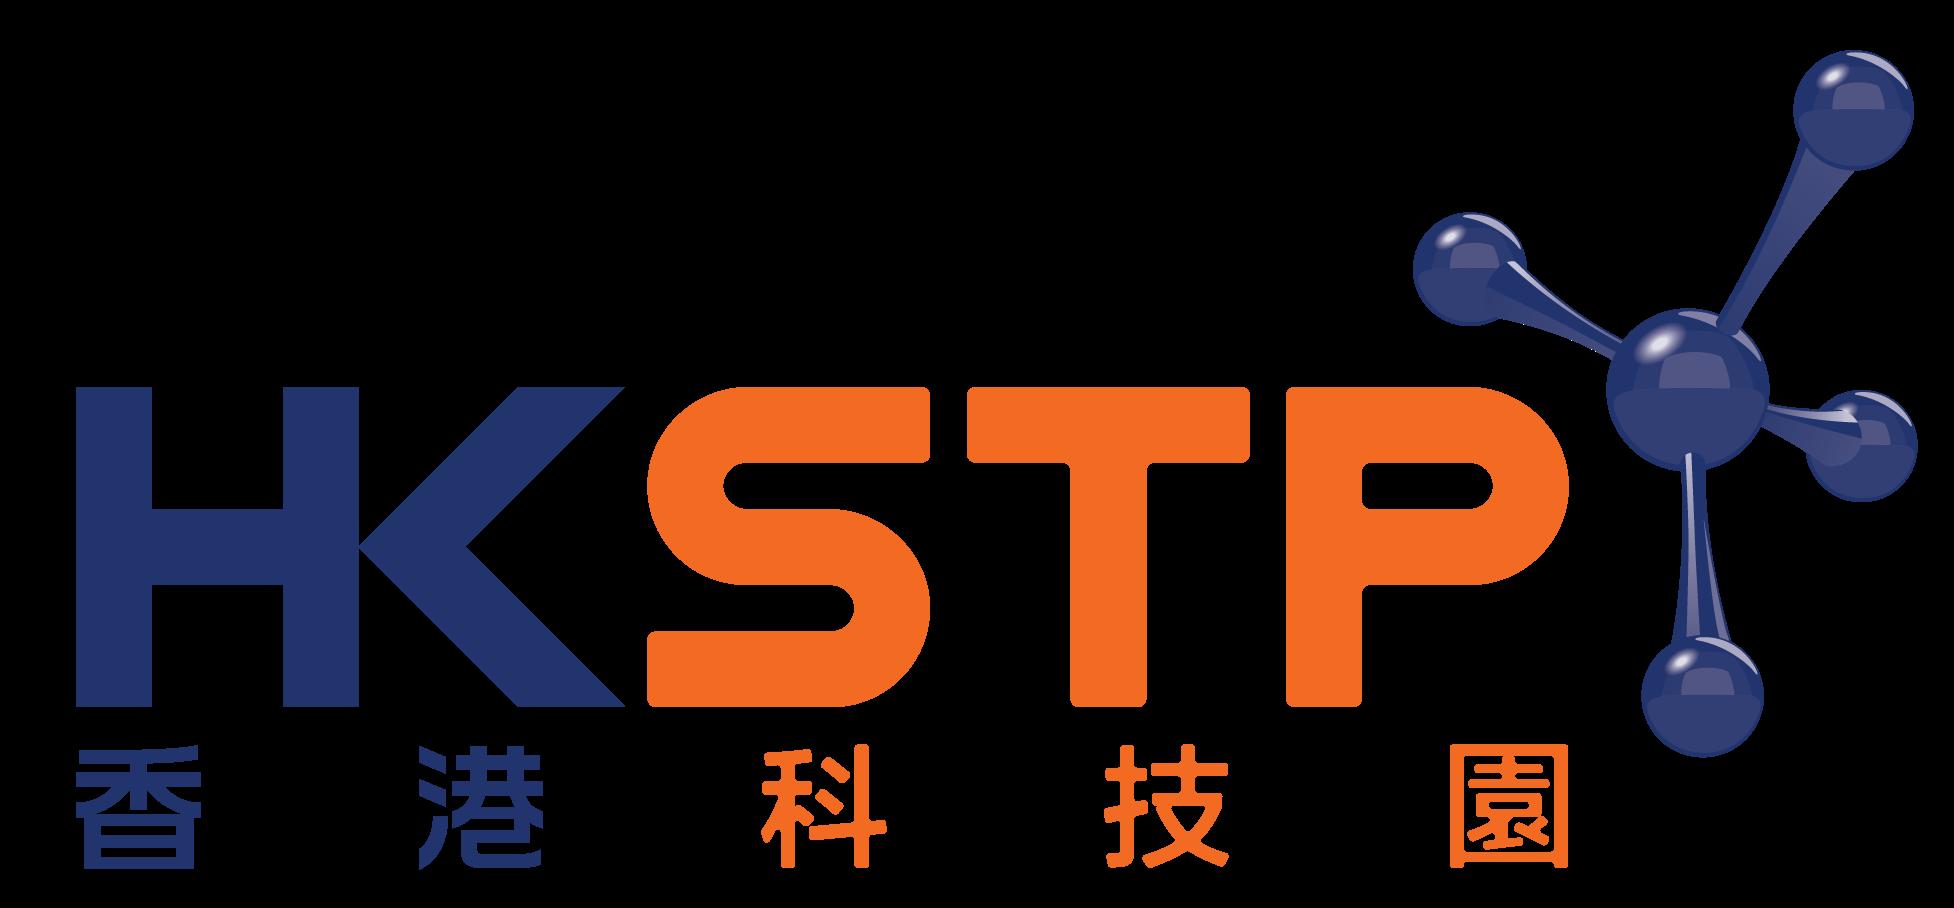 HKSTP_crop